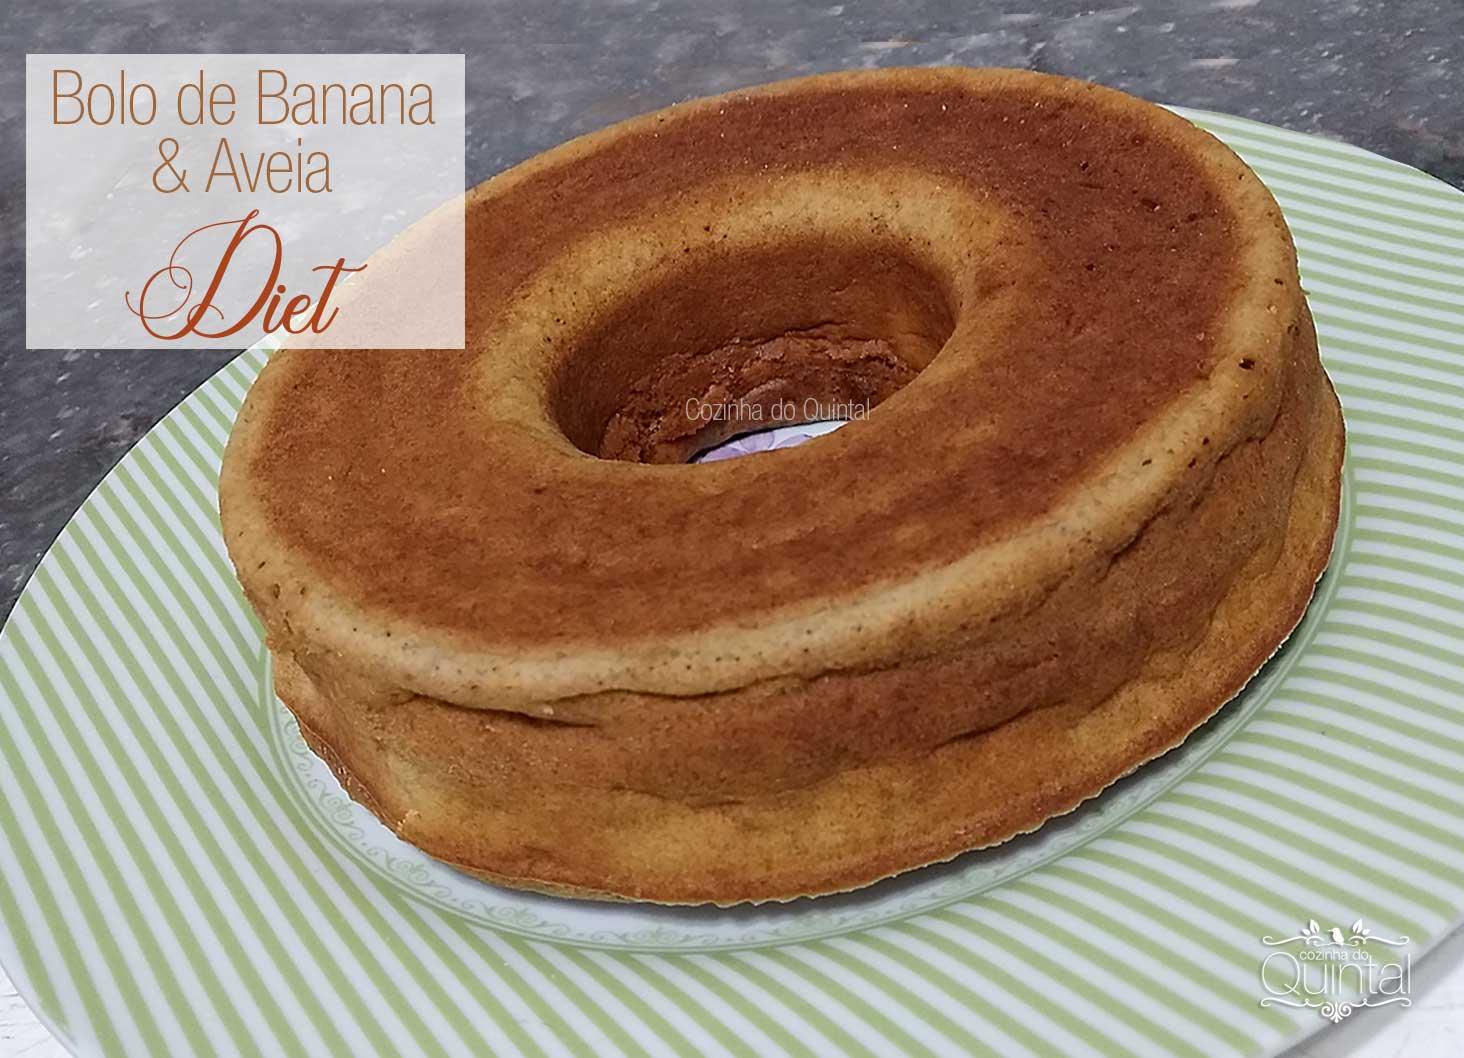 Cozinha do Quintal Bolo de Banana e Aveia Diet